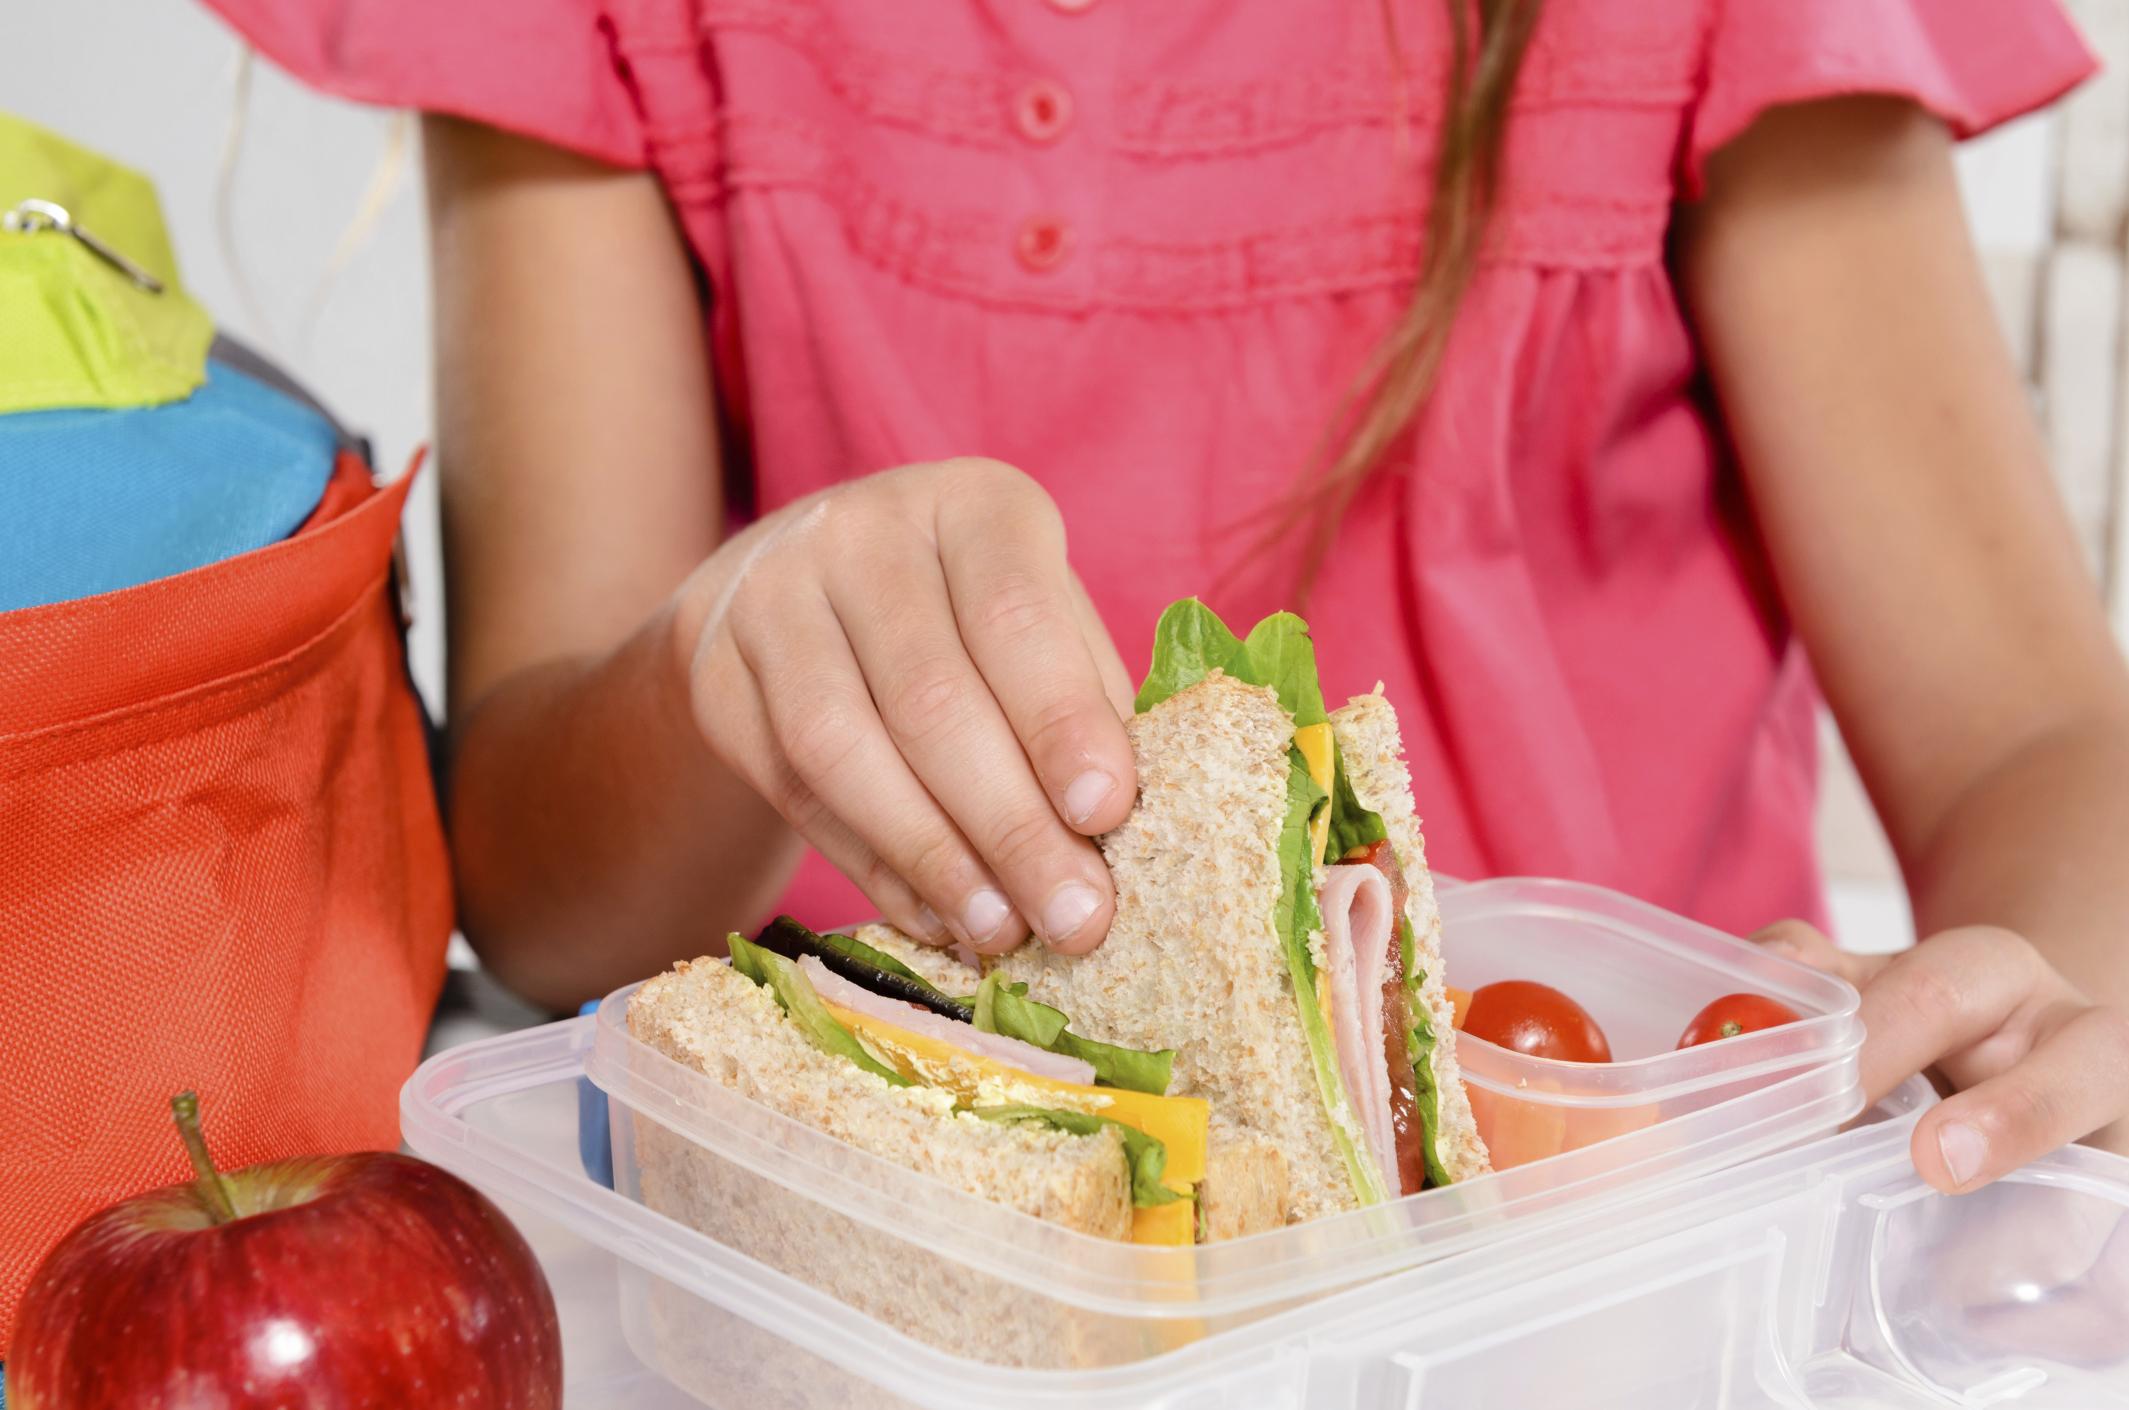 Alimentación Saludable Como Política Pública